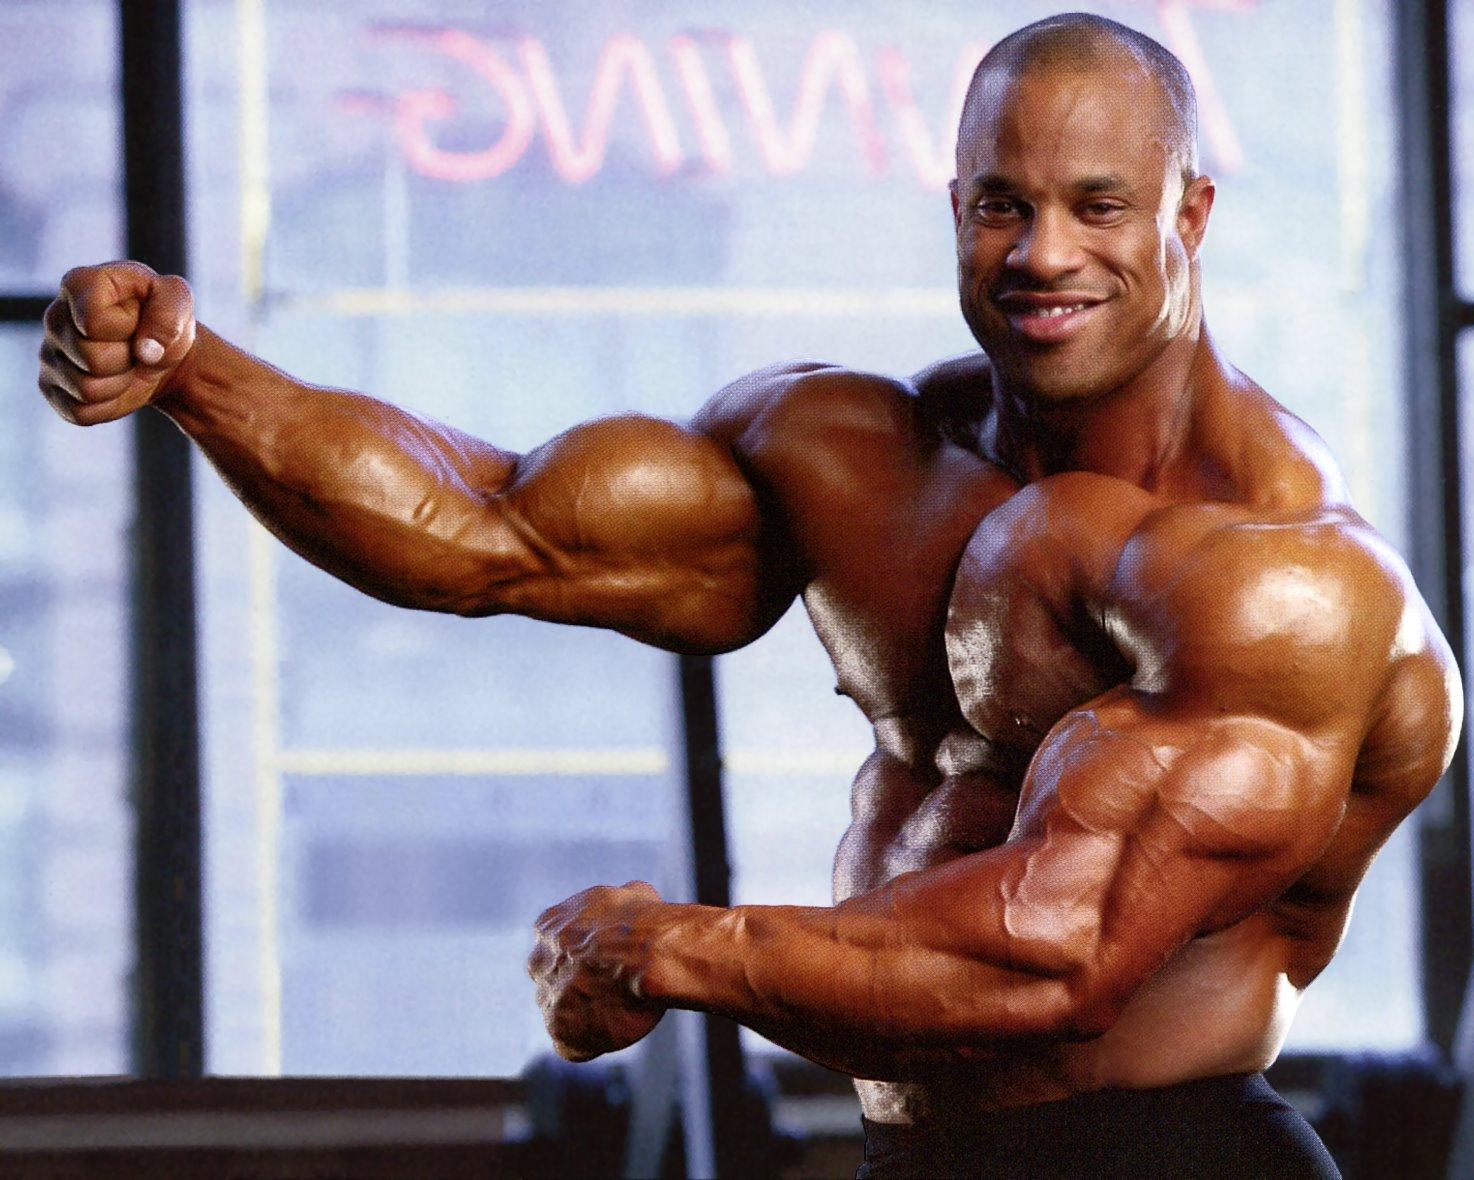 http://4.bp.blogspot.com/_-fyssgE5sr8/SZBikpMjJ8I/AAAAAAAAACI/dPaq5ilhuqc/s1600/VictorMartinez-MD-Bernal965.jpg